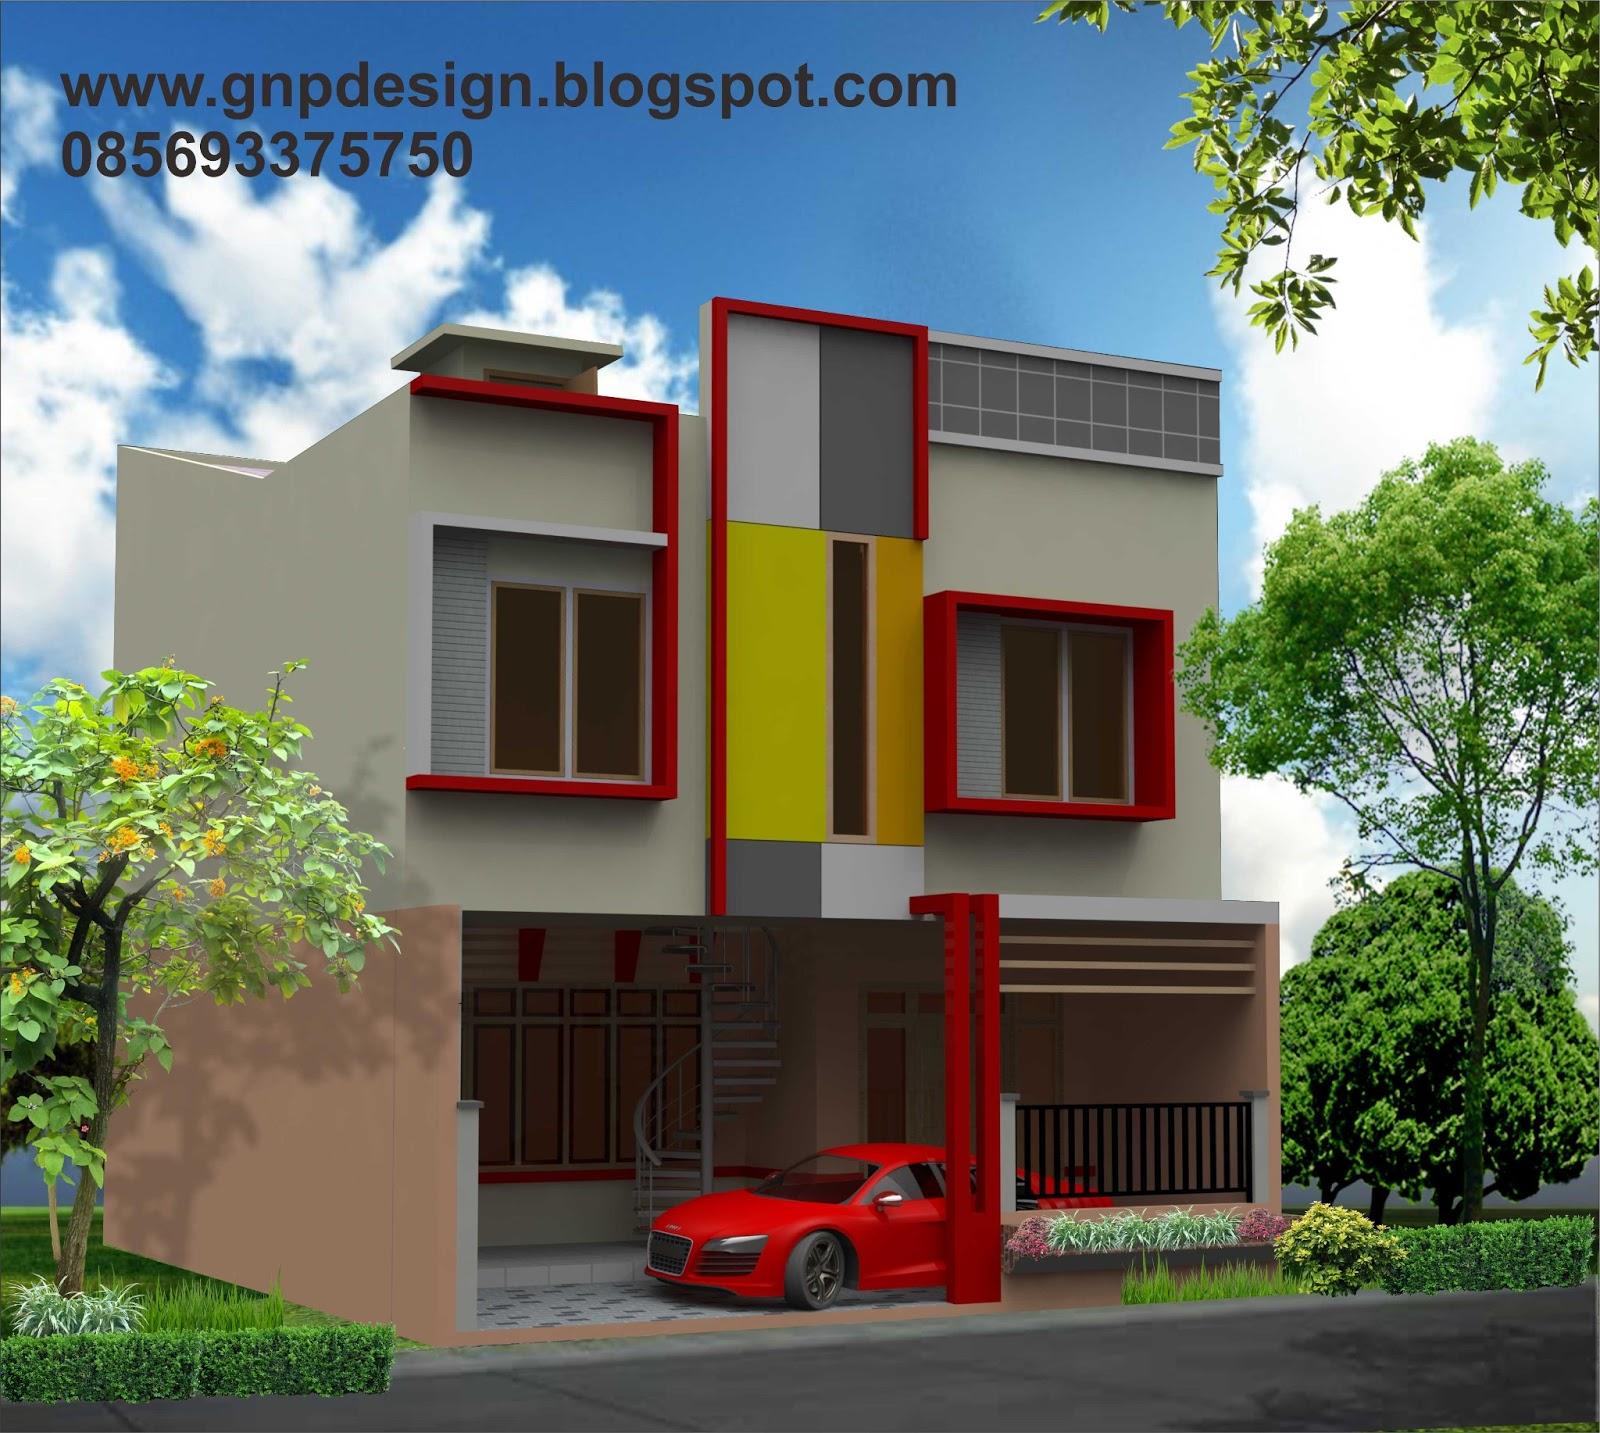 gnp design design rumah minimalis buat kontrakan 2 lantai